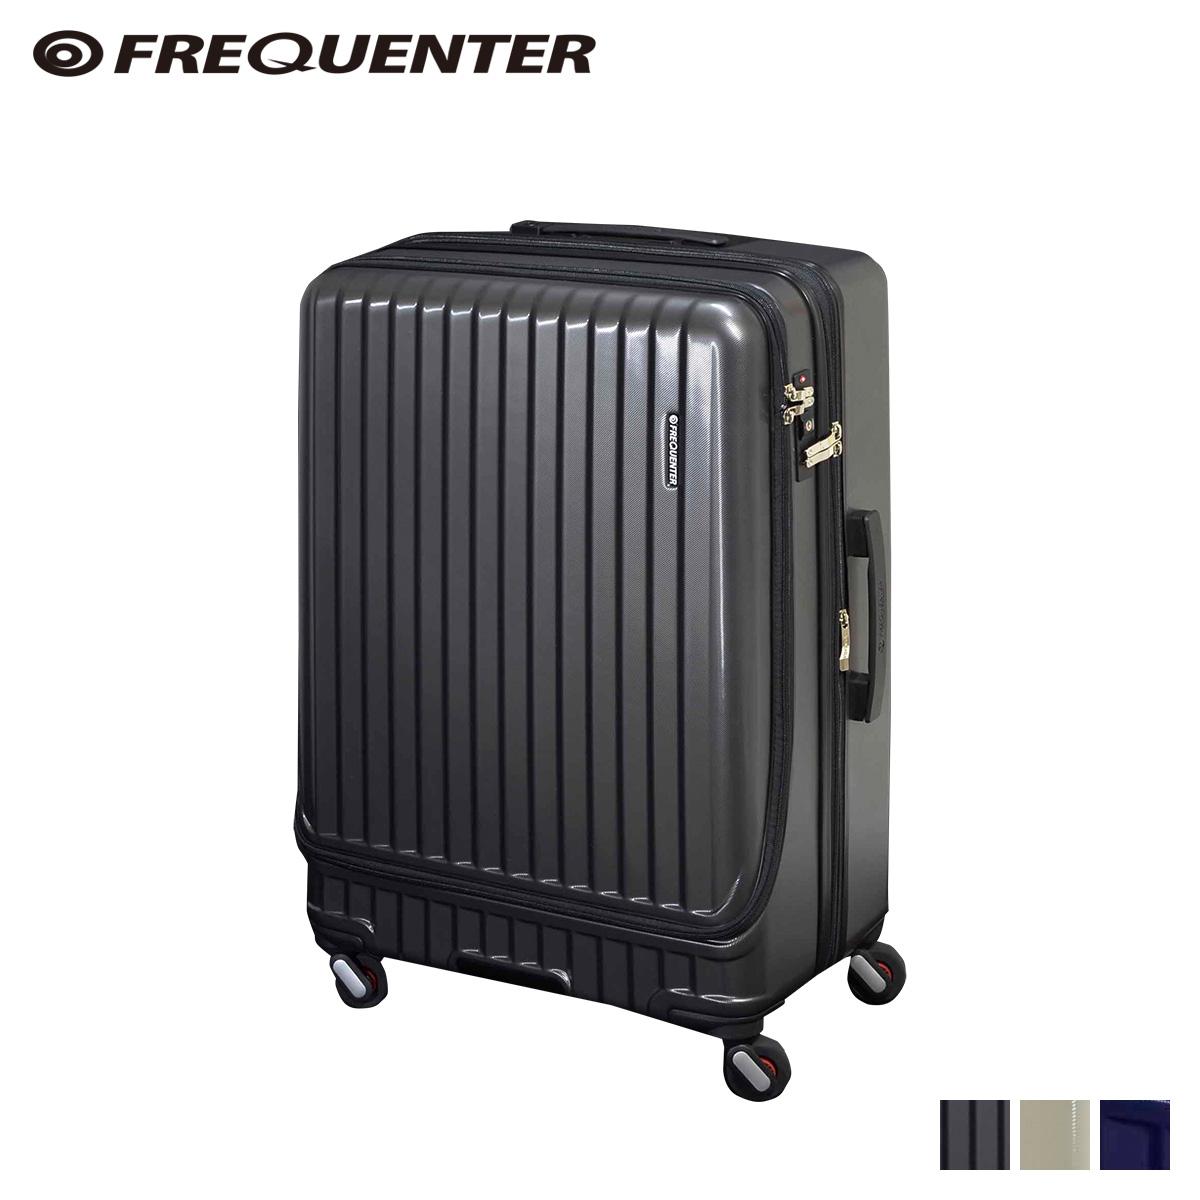 堅実な究極の FREQUENTER フリクエンター スーツケース キャリーケース キャリーバッグ マリエ 86-98L メンズ 拡張 ハード MALIE ガンメタル アイボリー ネイビー 1-280, ホームセンター ヤマユウ abe085e8